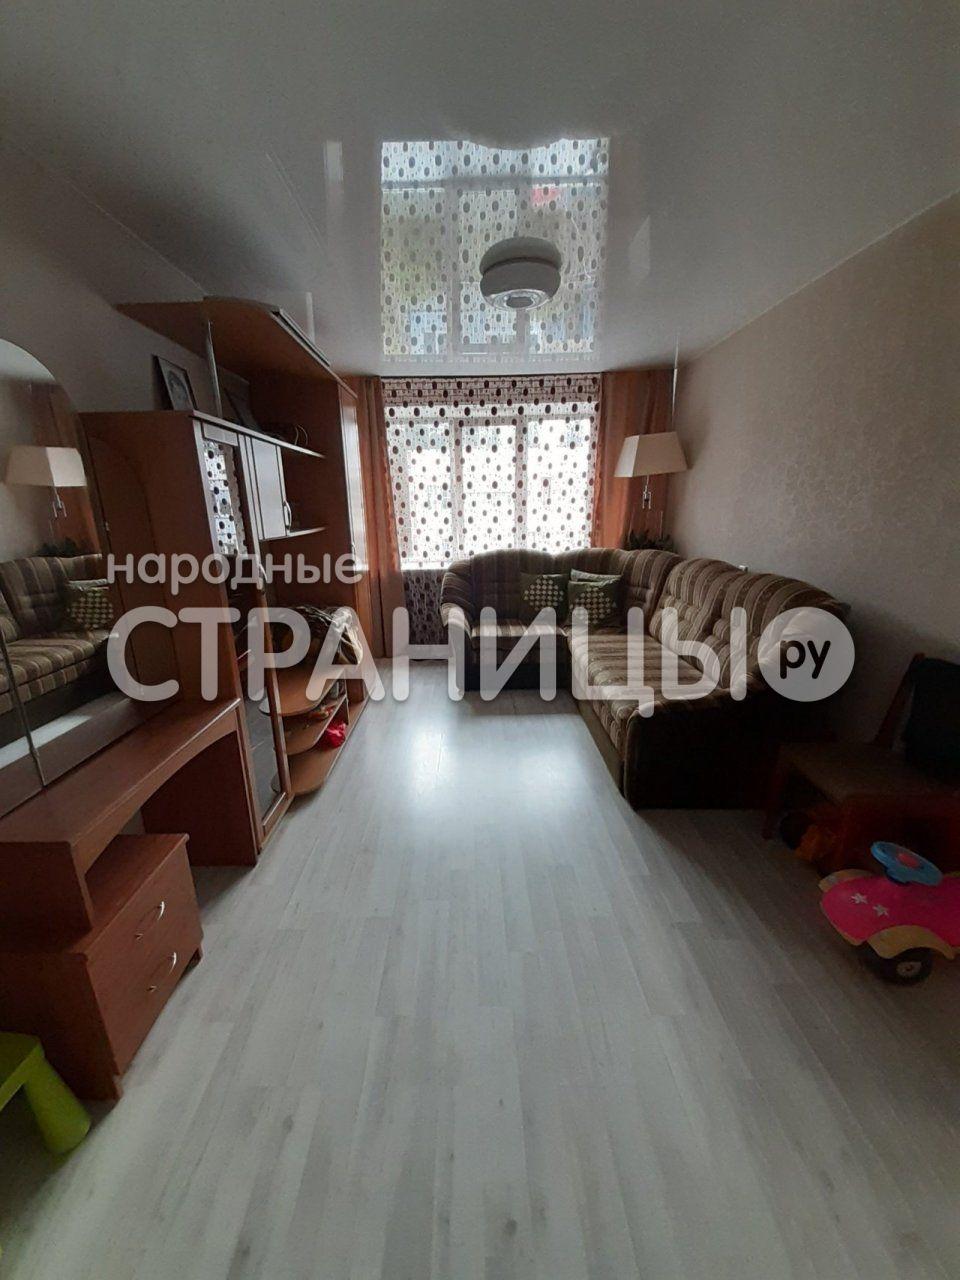 2-комнатная квартира, 53.0 м²,  3/3 эт. Панельный дом